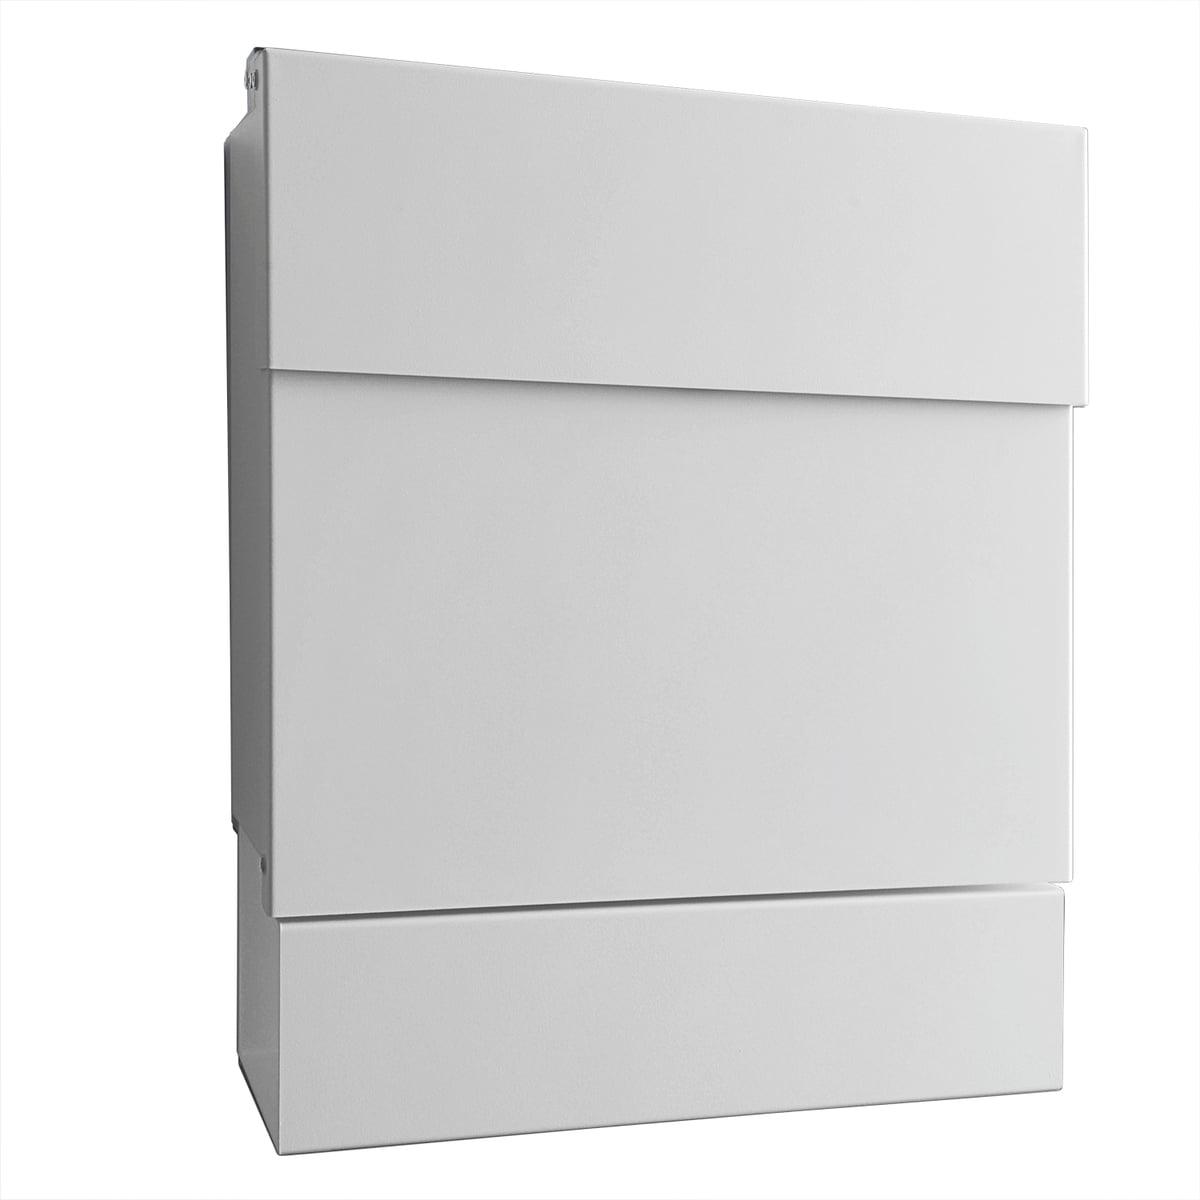 Briefkasten Radius briefkasten letterman v mit zeitungsrolle radius design connox